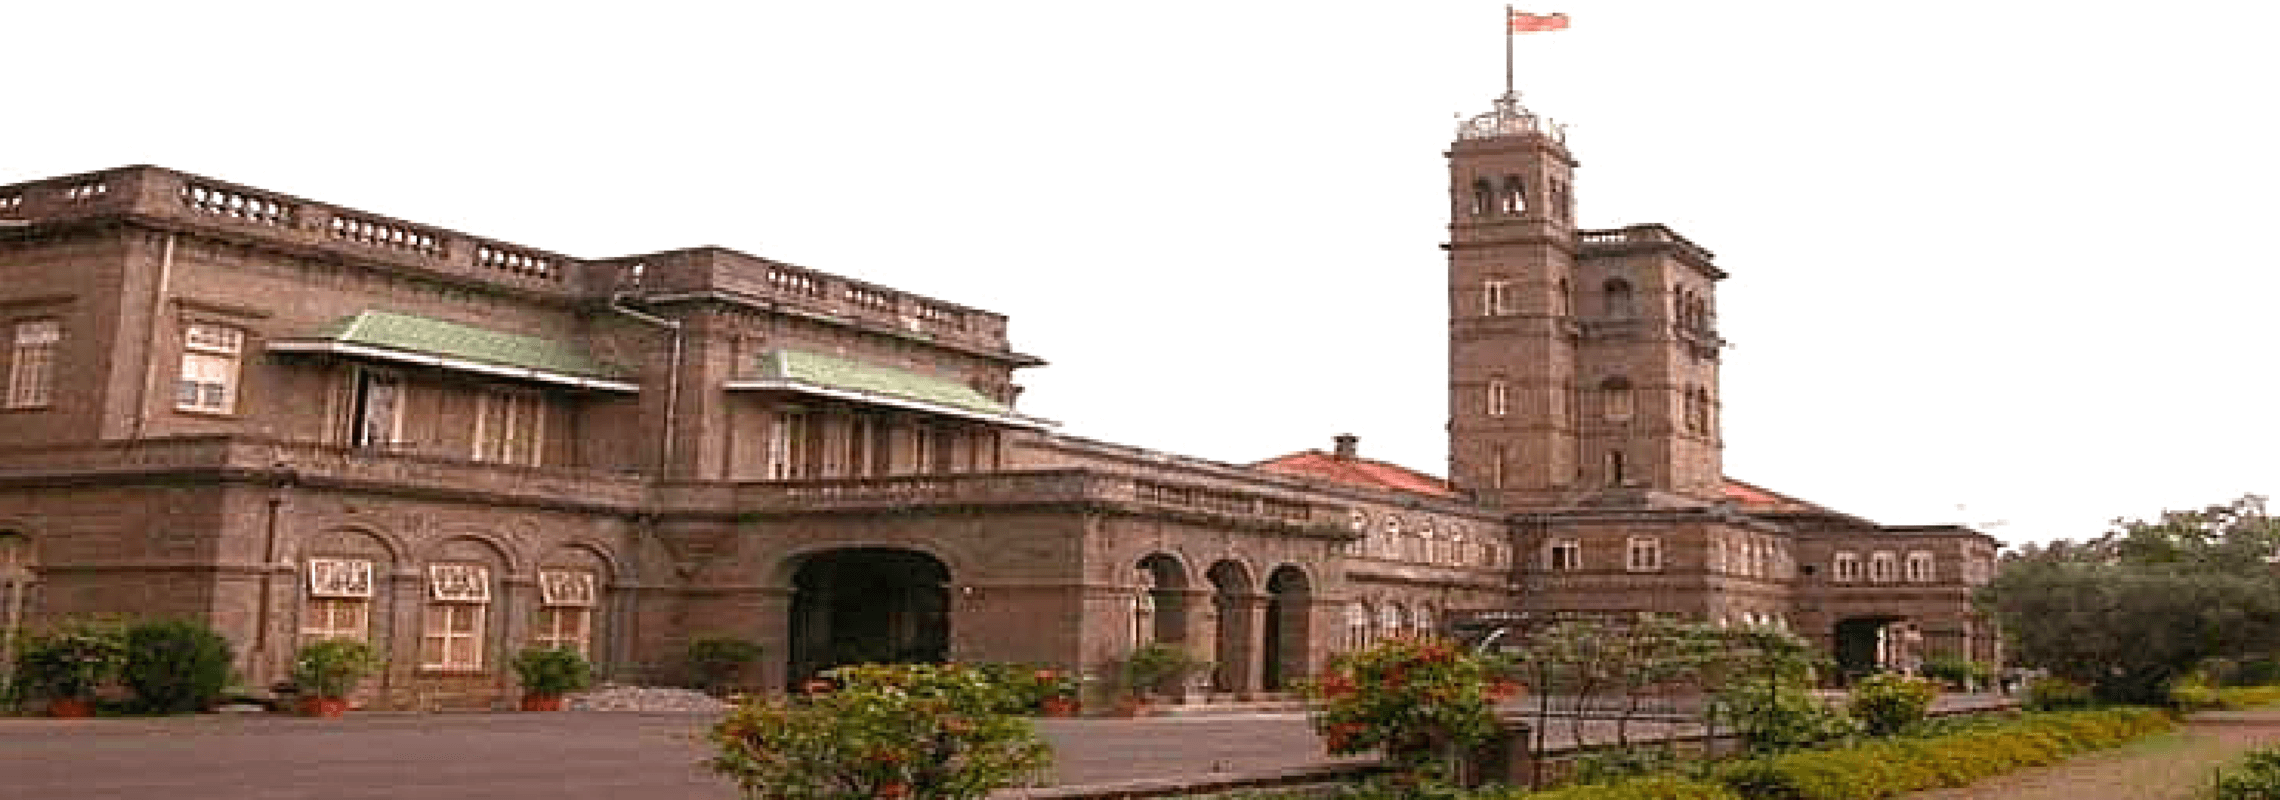 AUM, India - The University of Pune